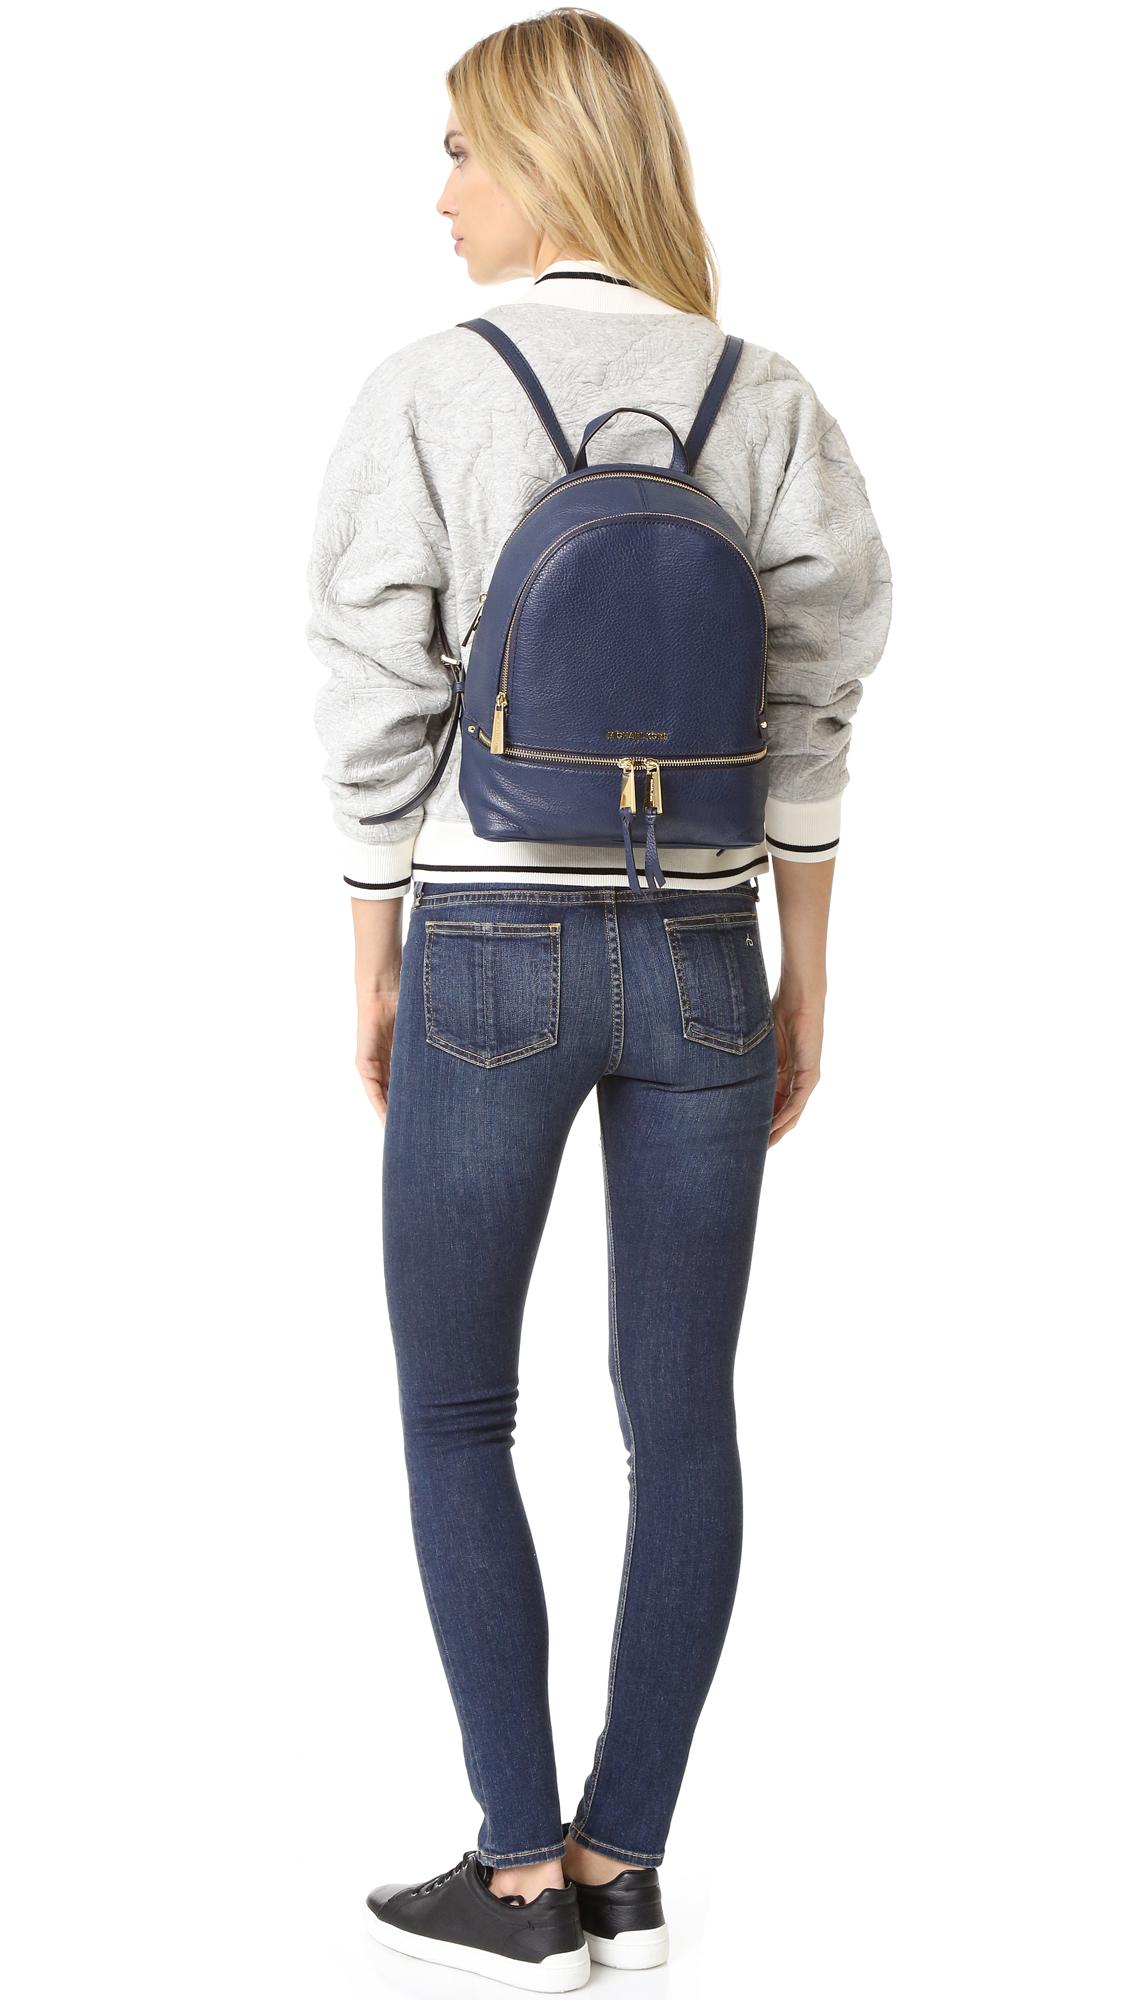 a4a837ee5e23 MICHAEL Michael Kors Rhea Small Backpack